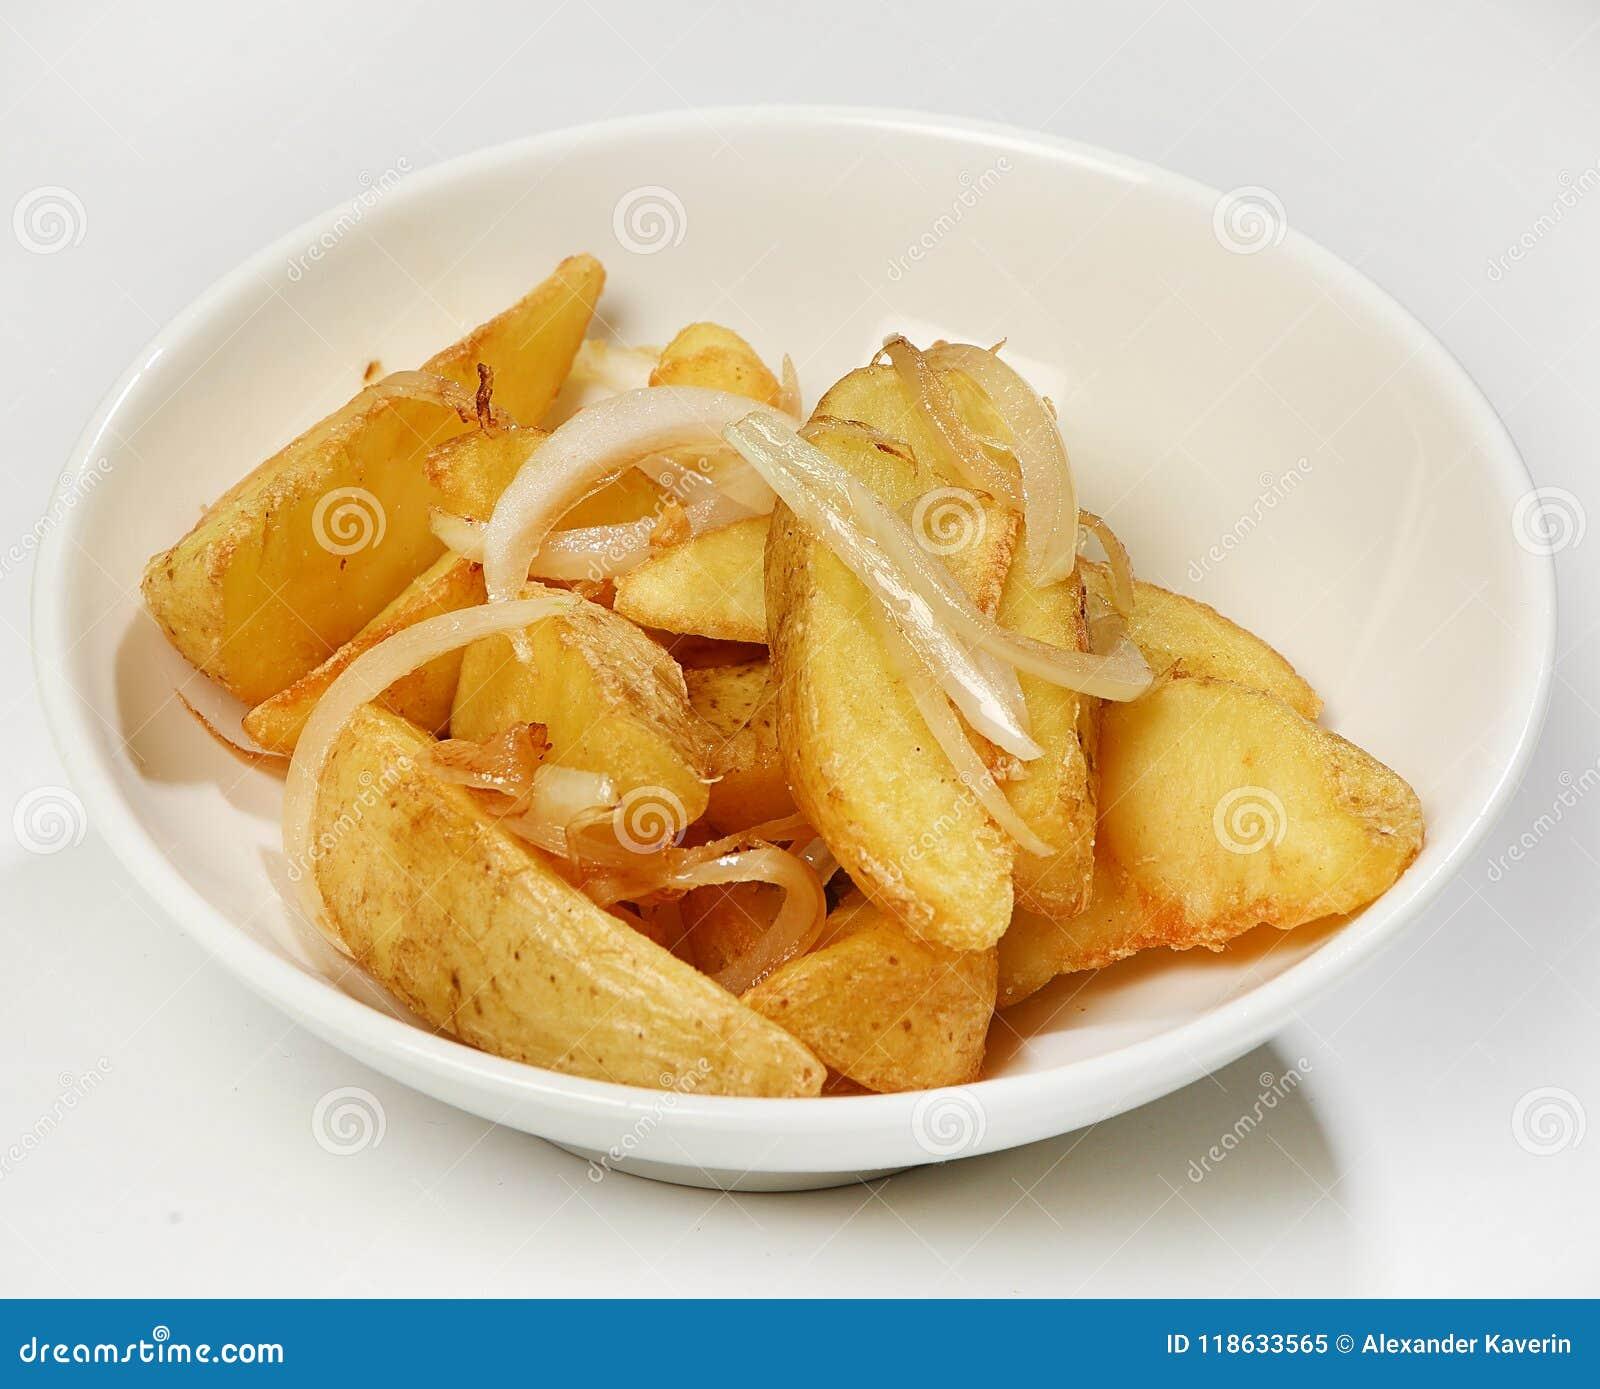 Versier van Aardappelplakken met uien, close-up